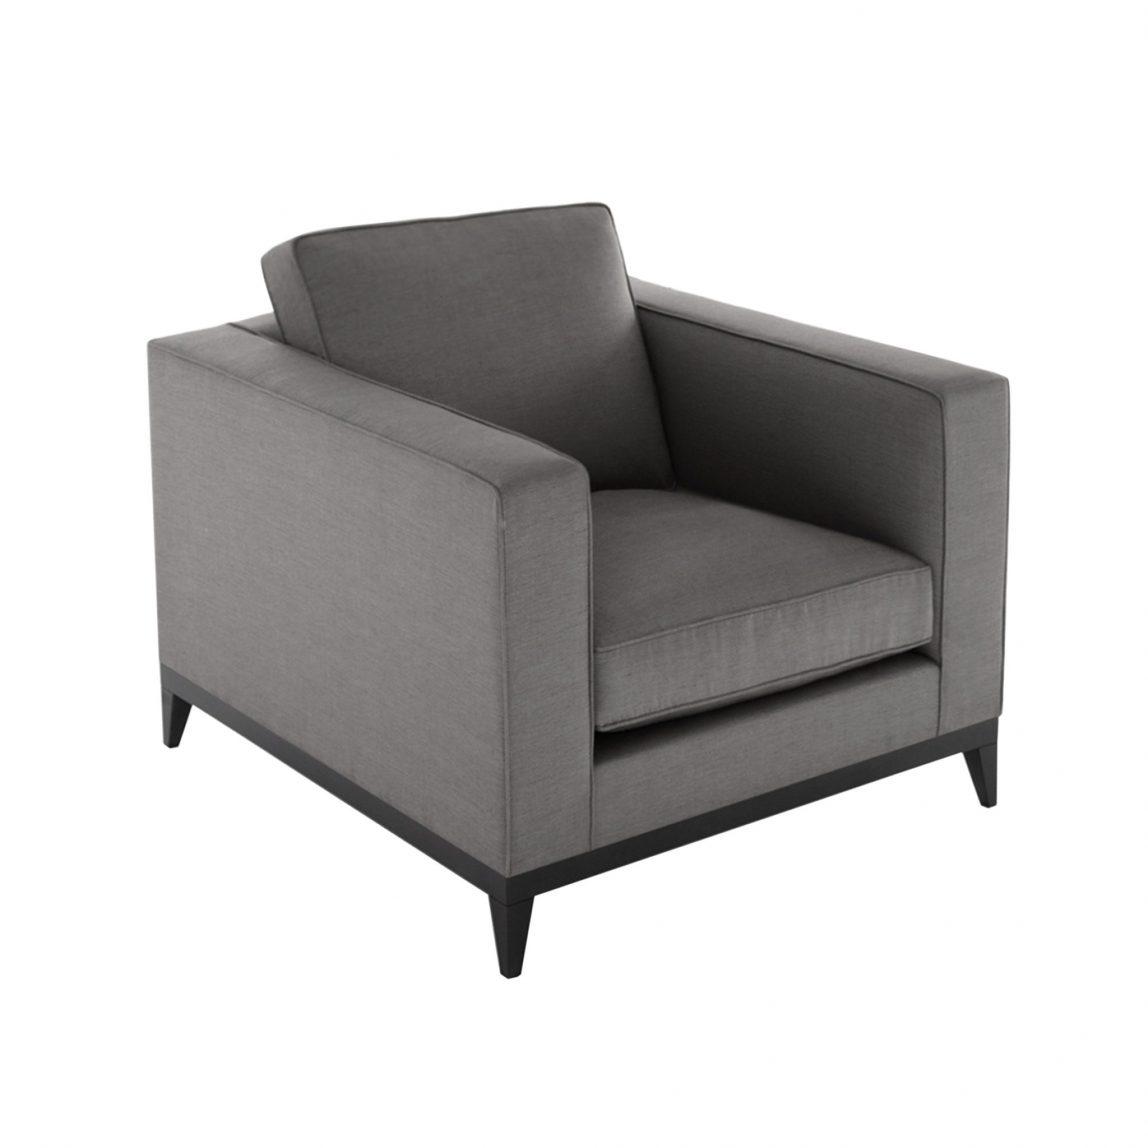 Стильное прямоугольное кресло Стив